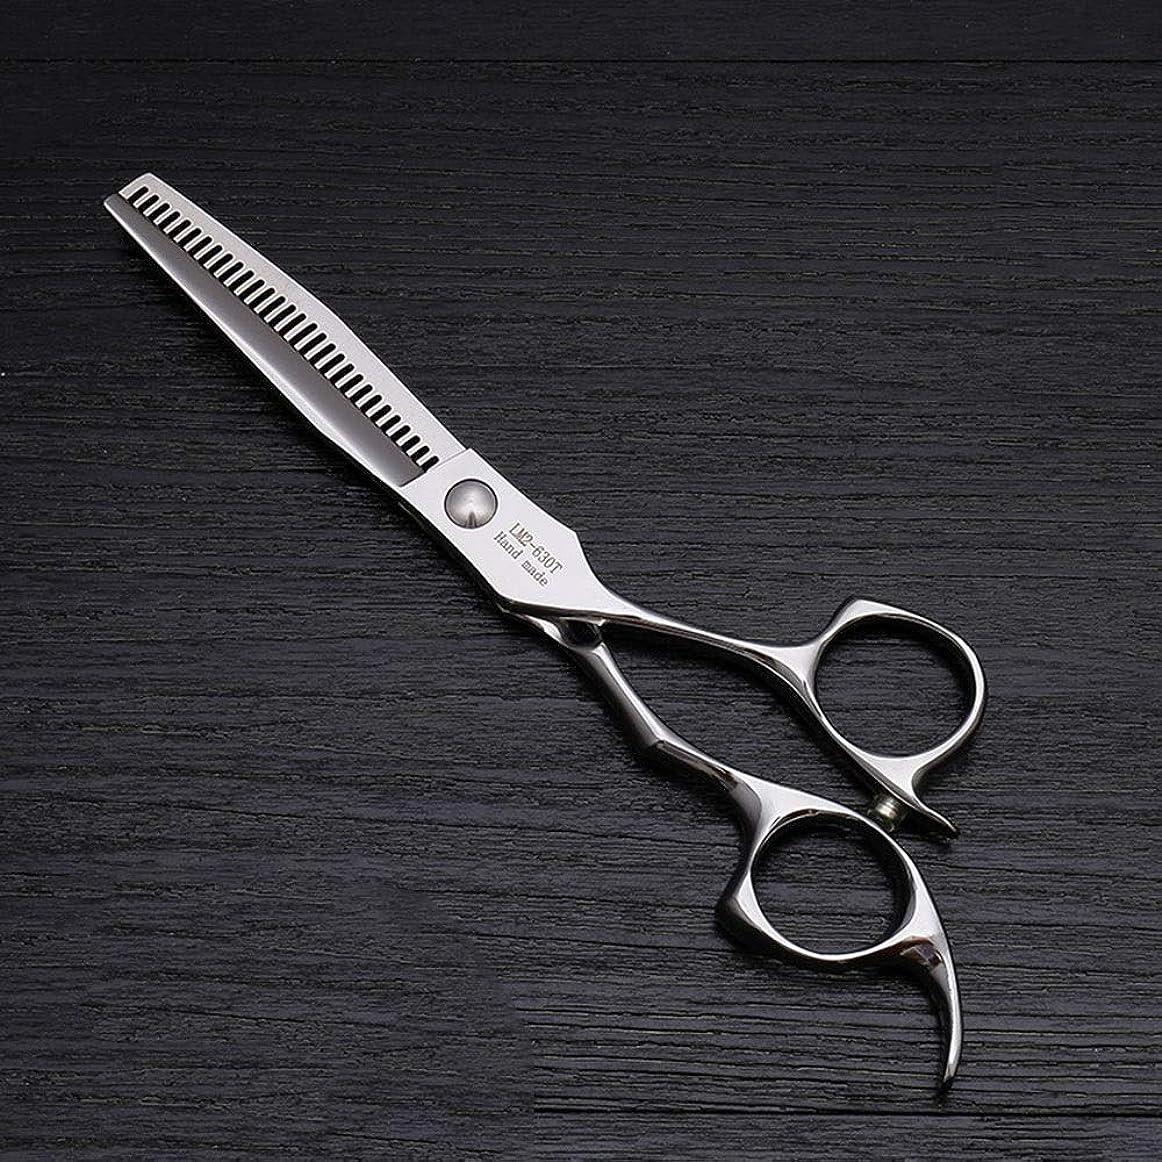 独特の被害者他の場所6インチのステンレス鋼の理髪はさみ、美容院の毛の切断用具 モデリングツール (色 : Silver)